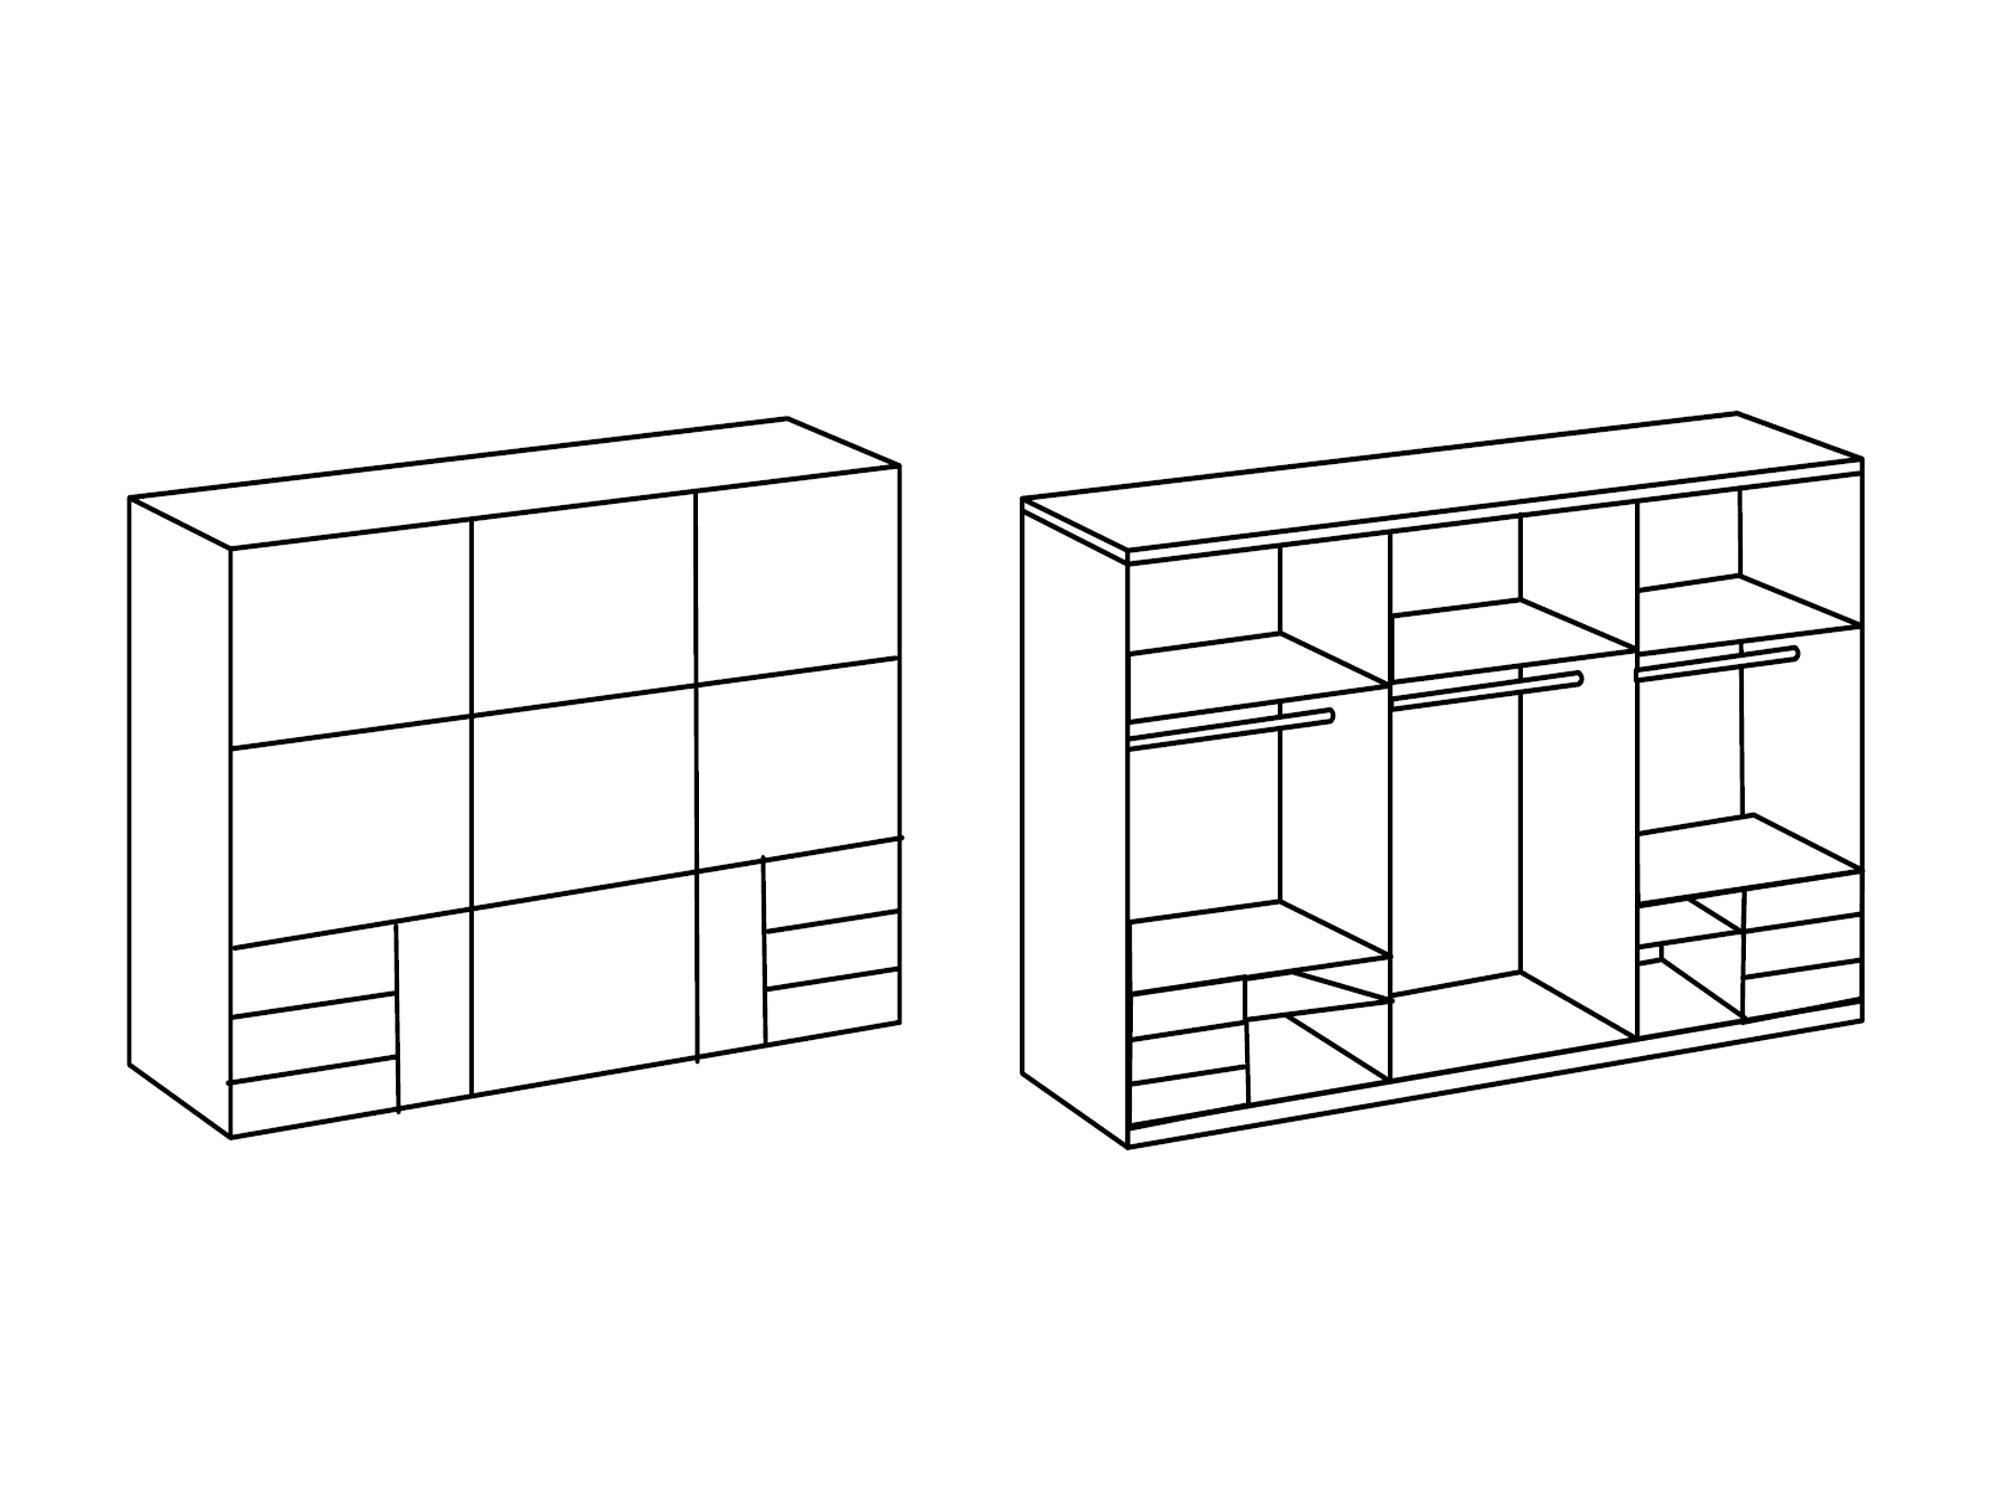 lakota schwebet renschrank weiss plankeneiche 300 cm 216 cm ohne spiegel. Black Bedroom Furniture Sets. Home Design Ideas